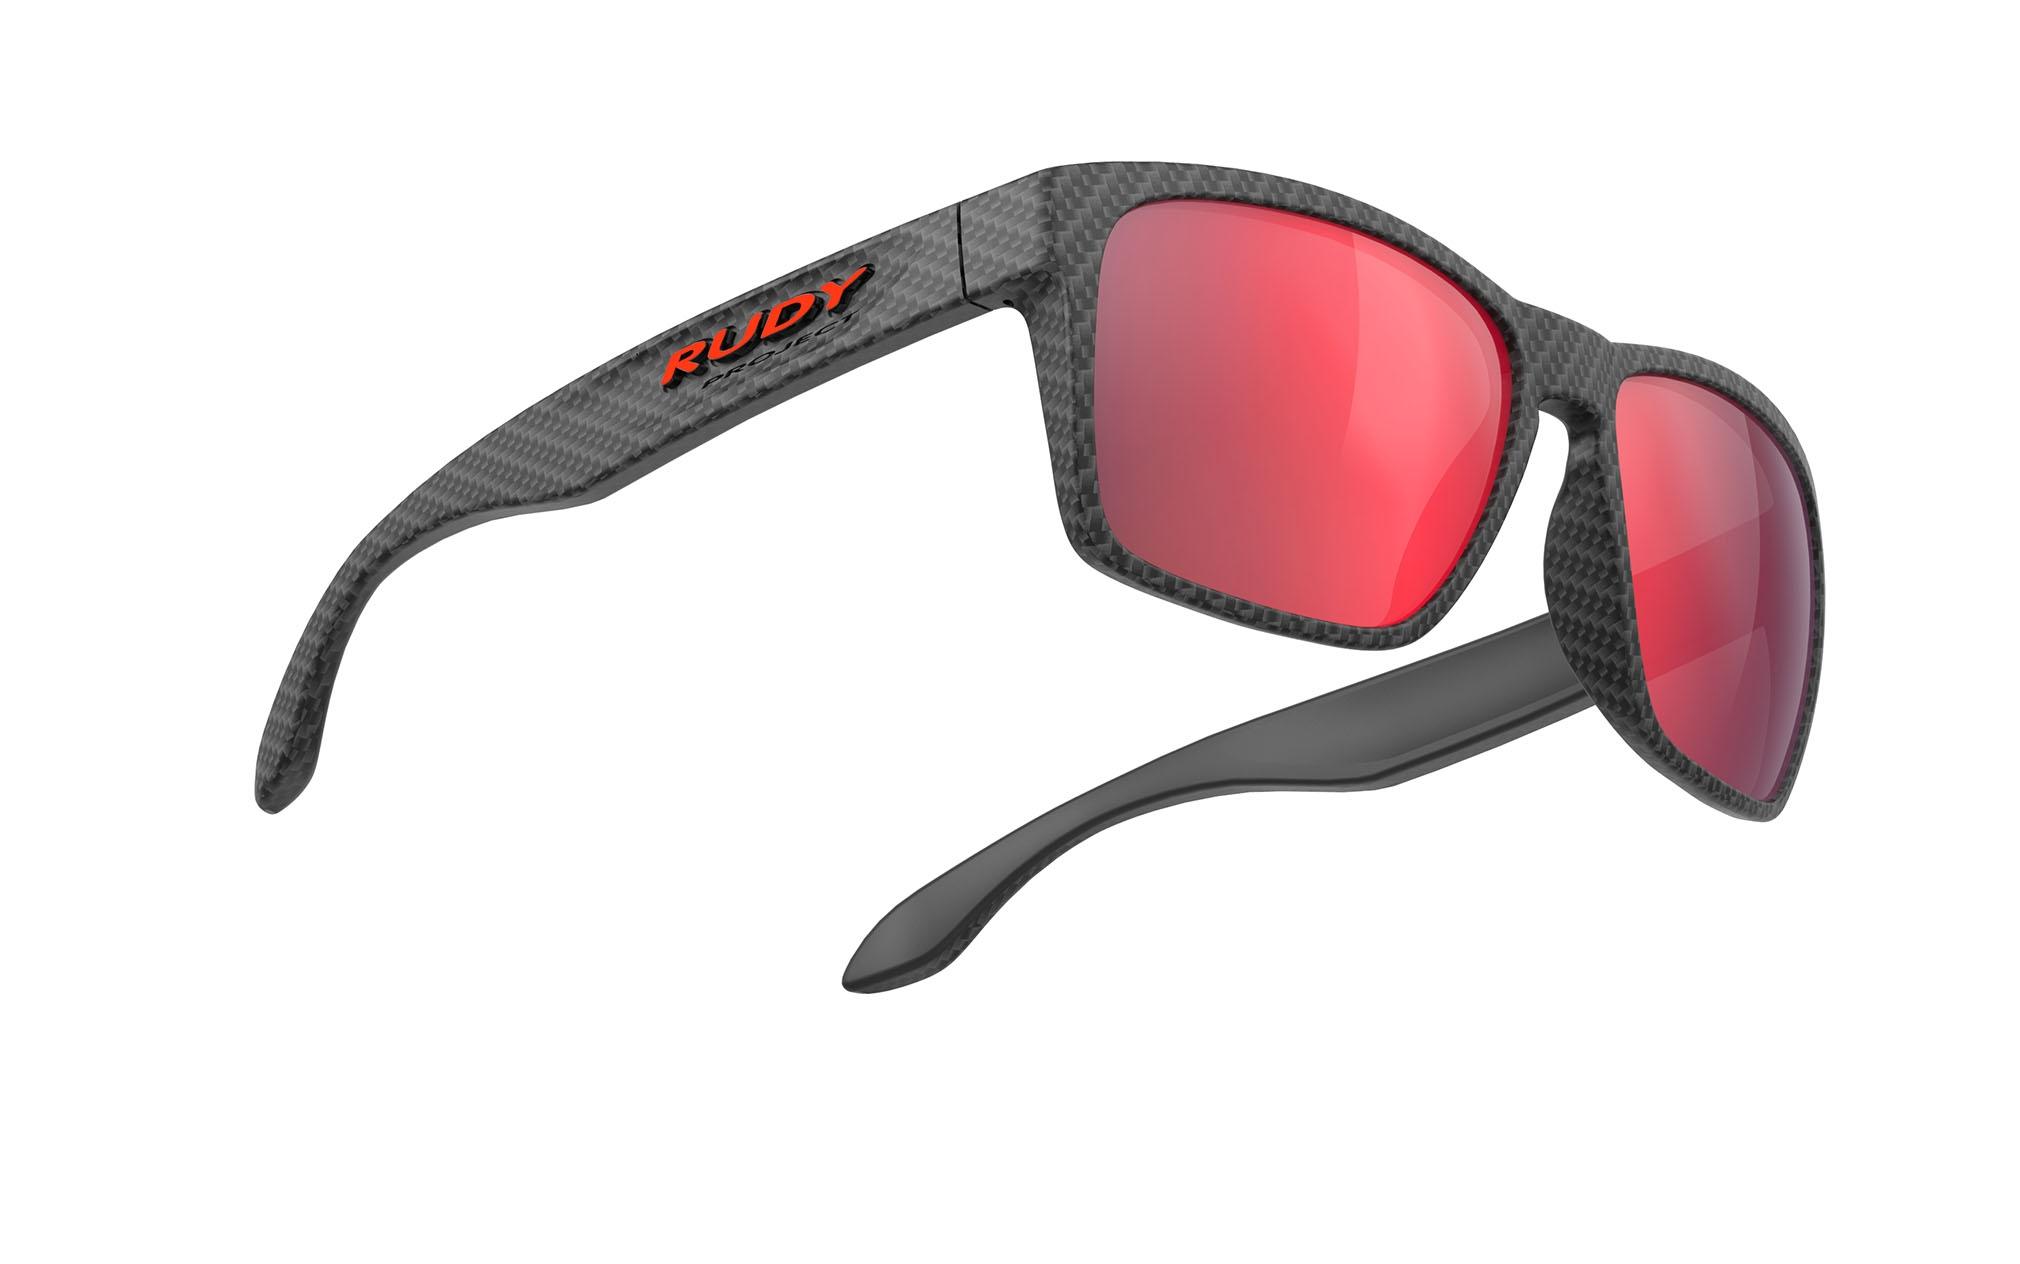 dd8c2dbc8 Active Lifestyle Eyewear Spinhawk - Rudy Project